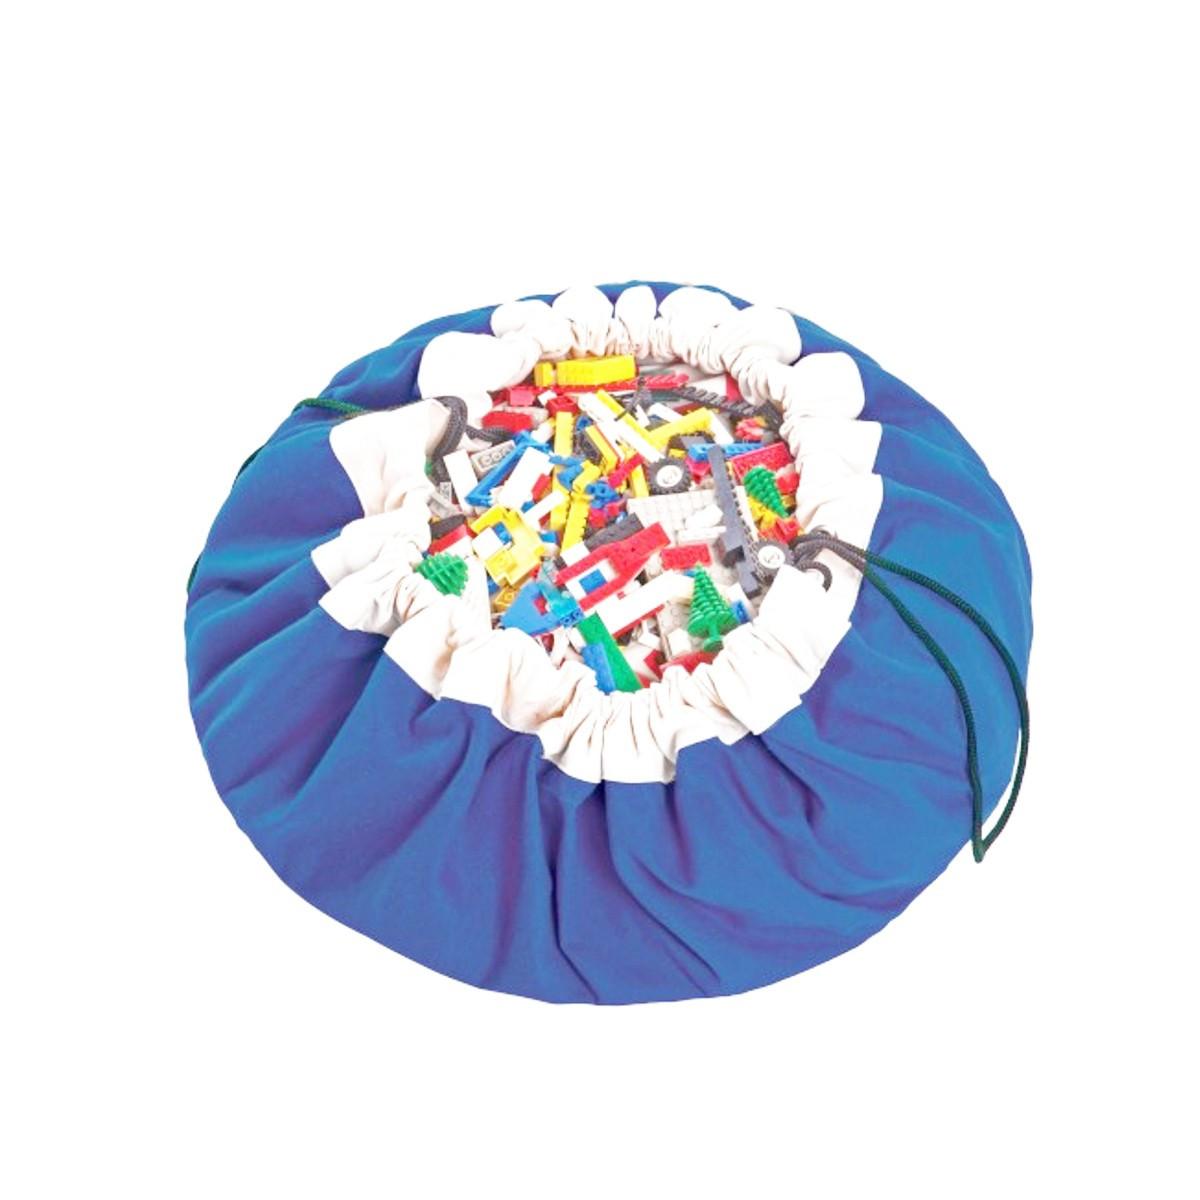 Tapis de rangement jouets d 39 enfants bleu - Rangement pour jouets ...